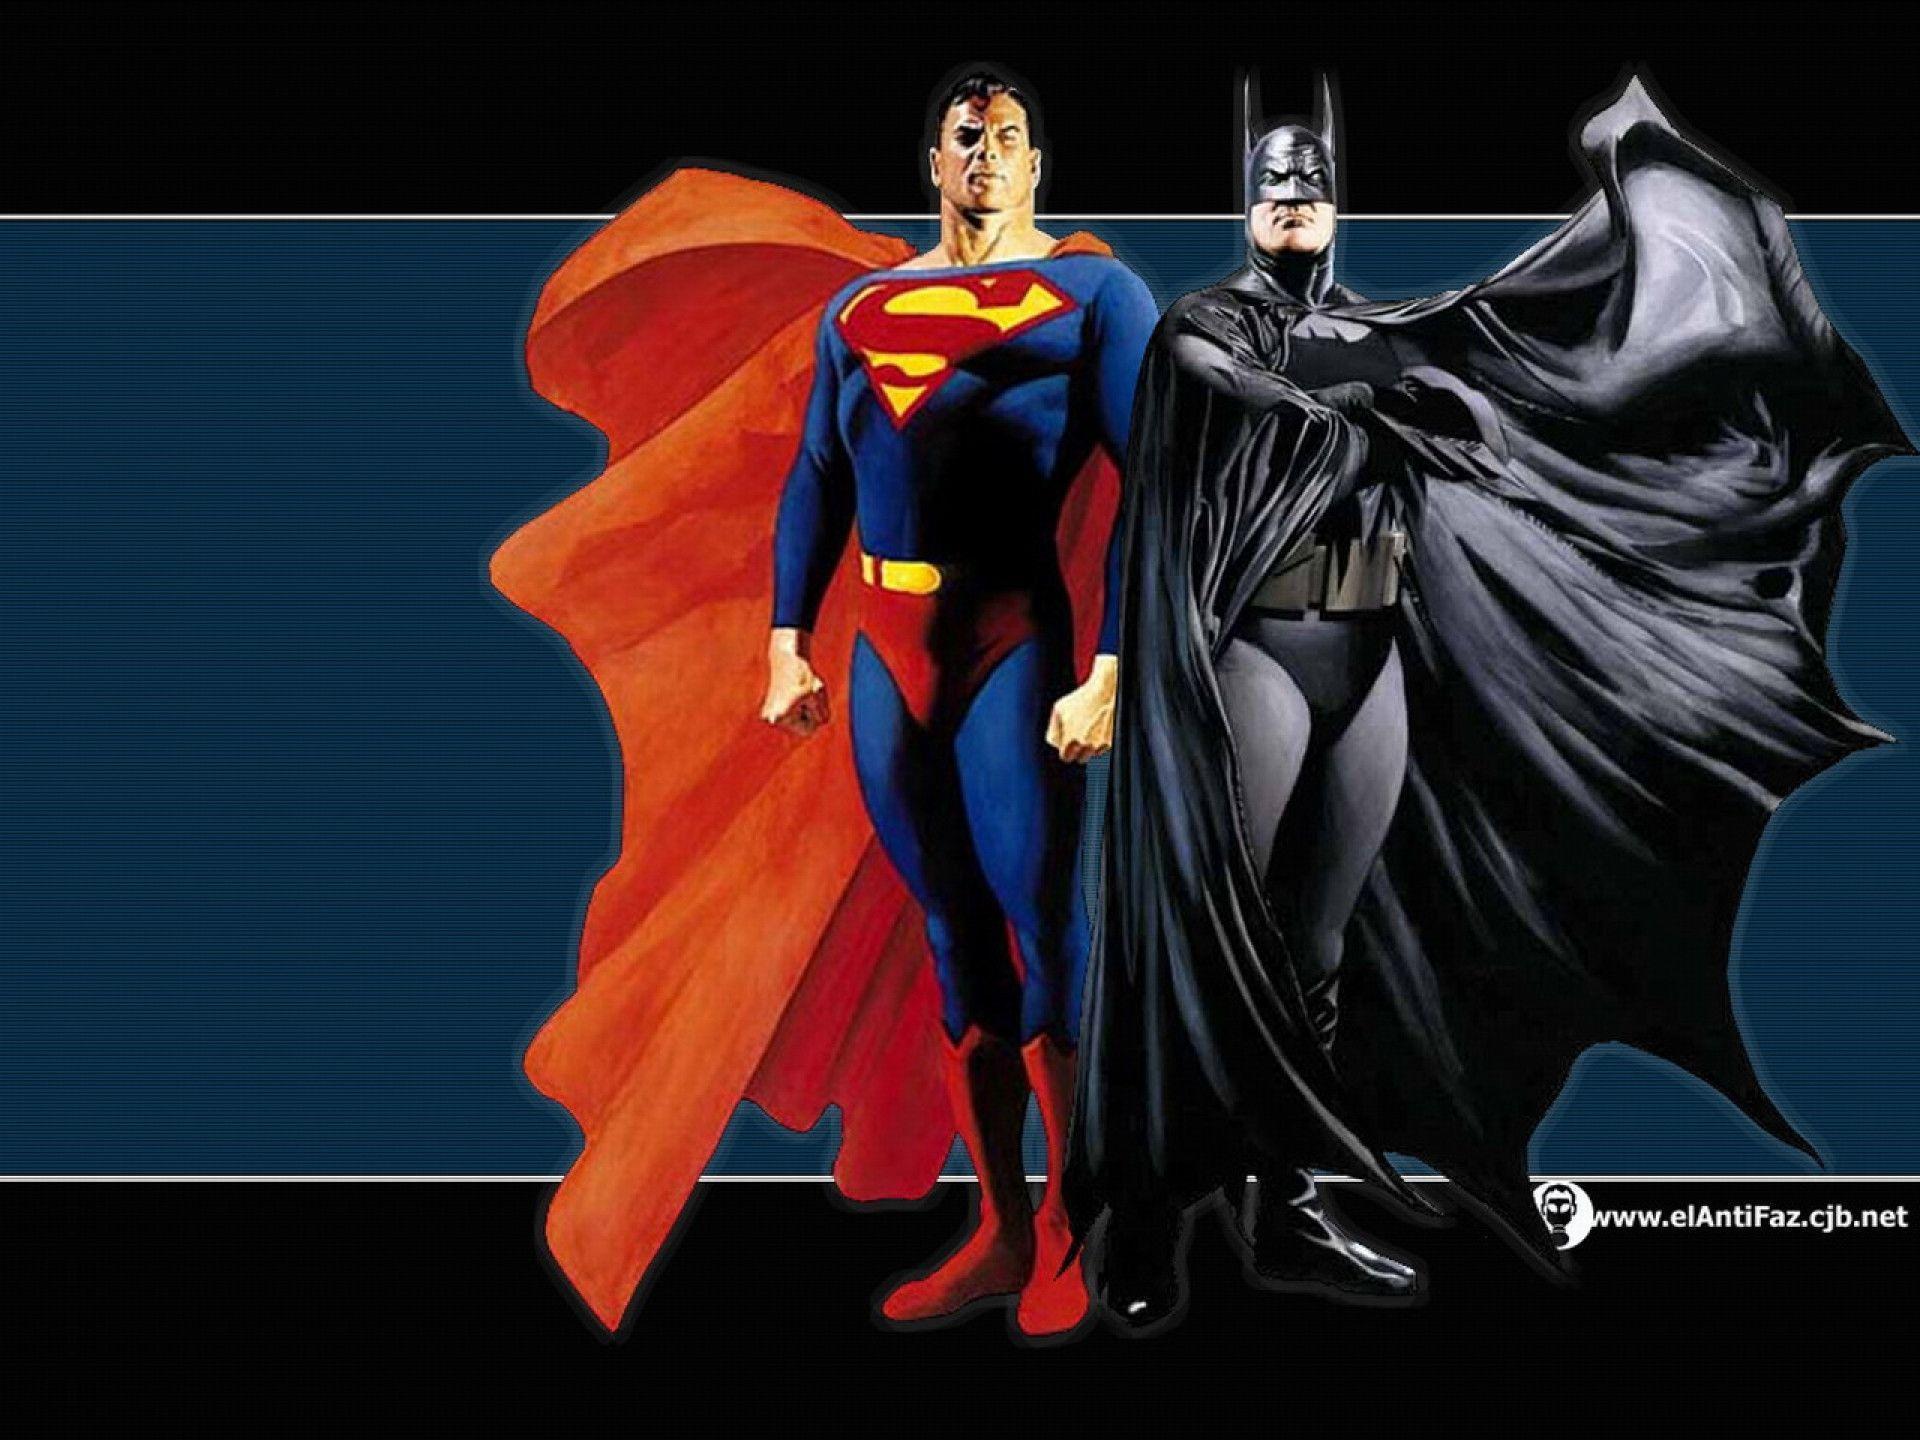 Superman Alex Ross Hd | www.pixshark.com - Images ...